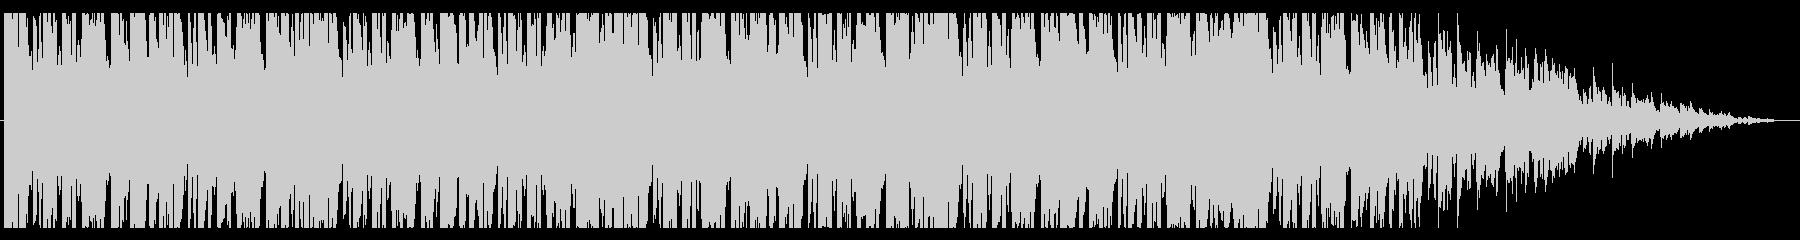 騒がしいエレクトロスイングNo380_3の未再生の波形